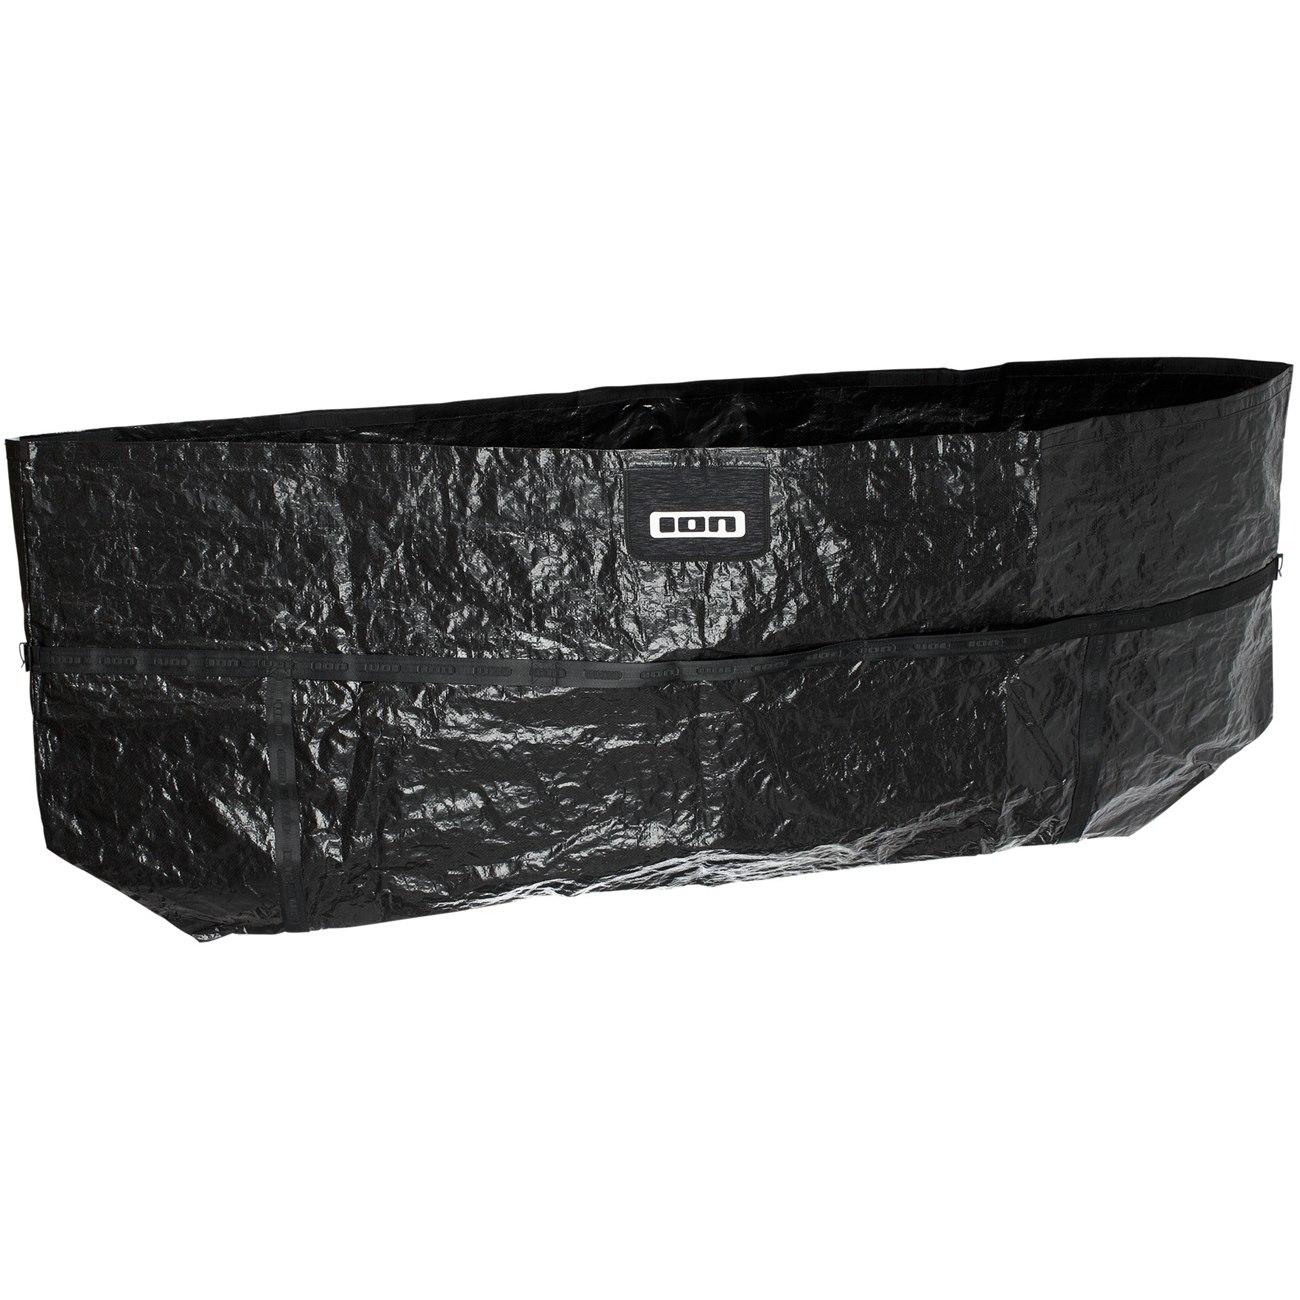 Image of ION Universal Bike Bag - black